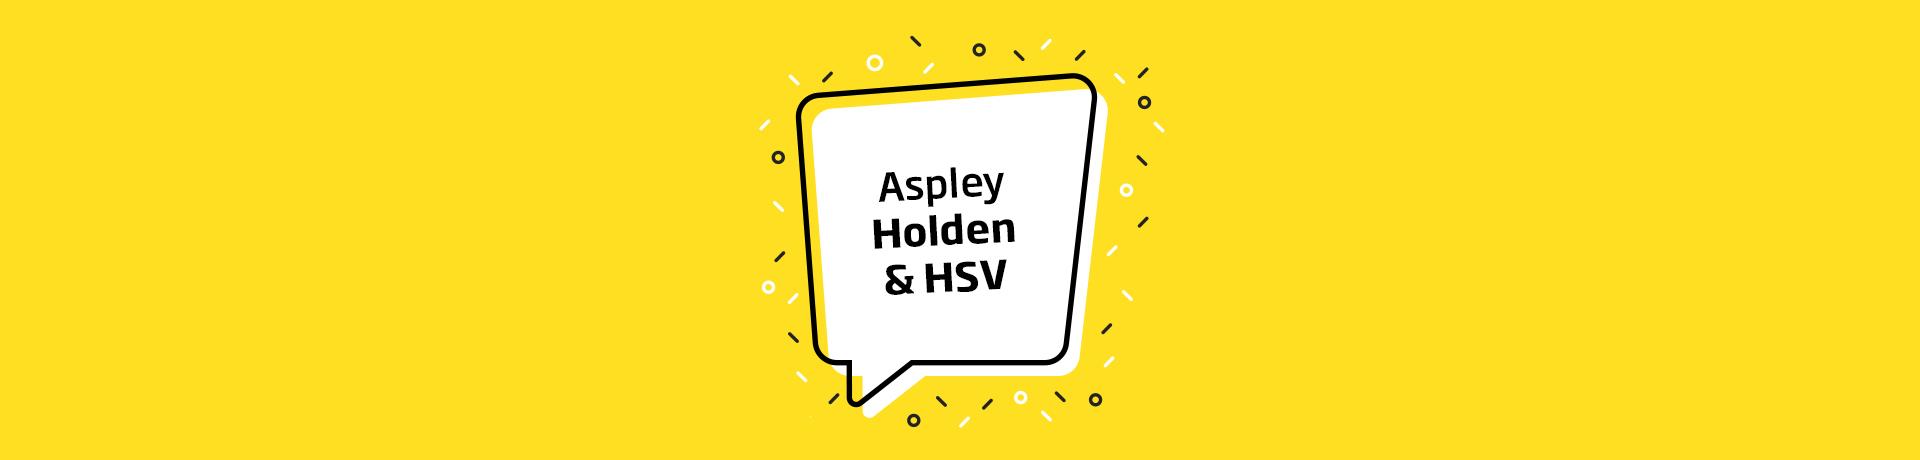 Aspley Holden Customer Feedback Page